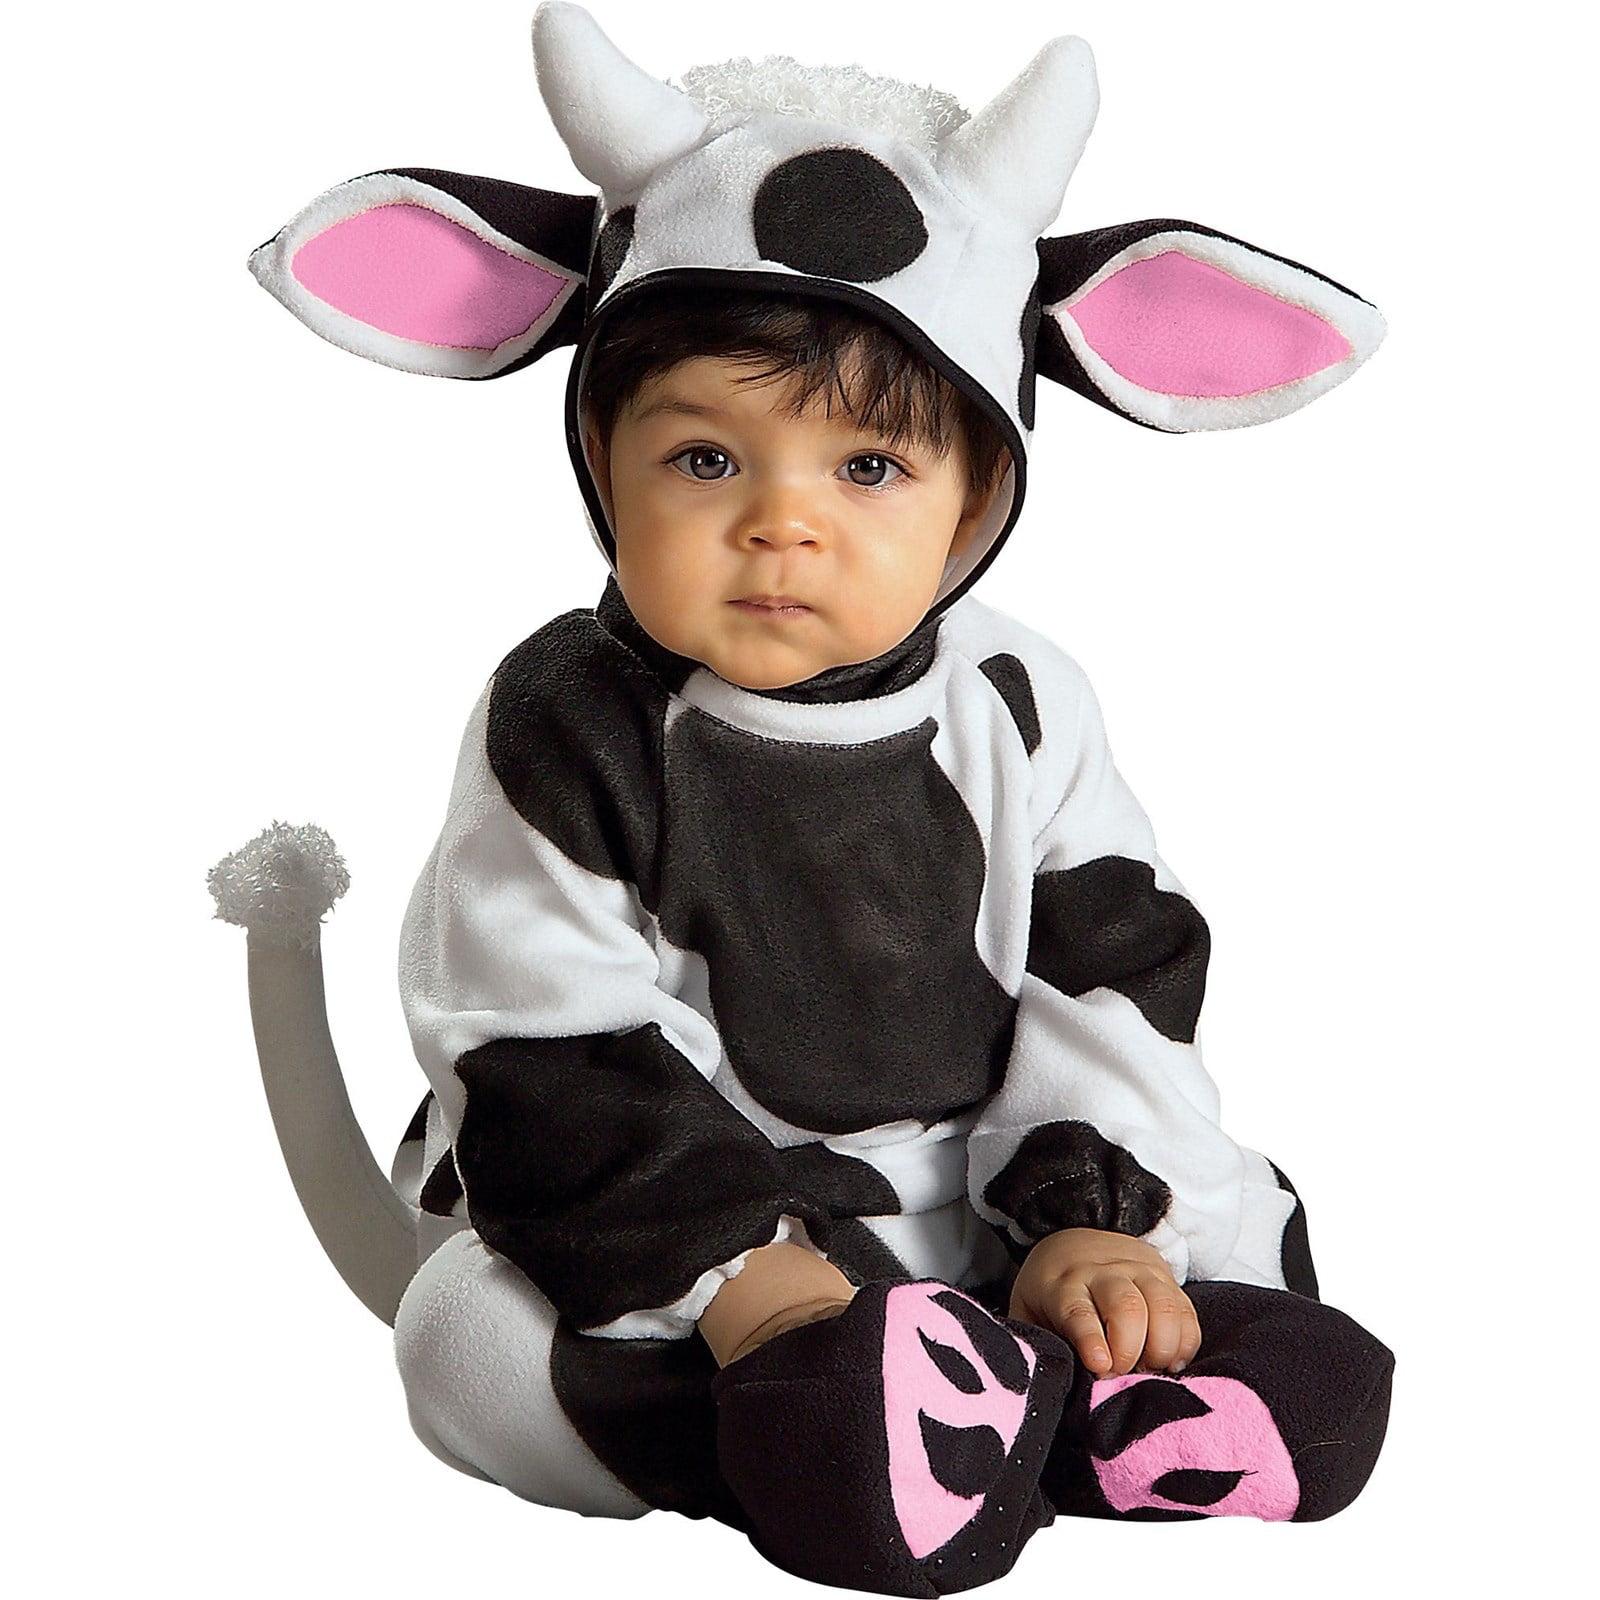 Cozy Cow Infant Costume